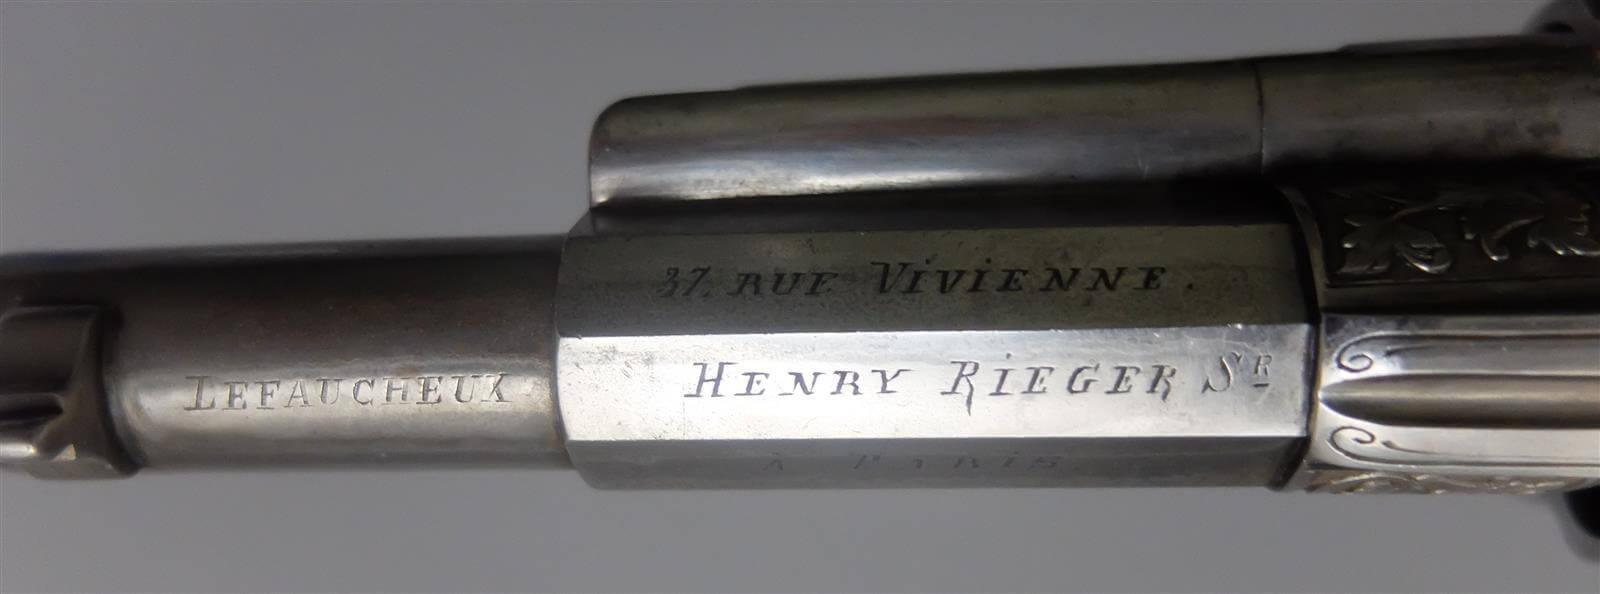 Revolver type 1874 de luxe gravé: marquages Lefaucheux - Henry Rieger